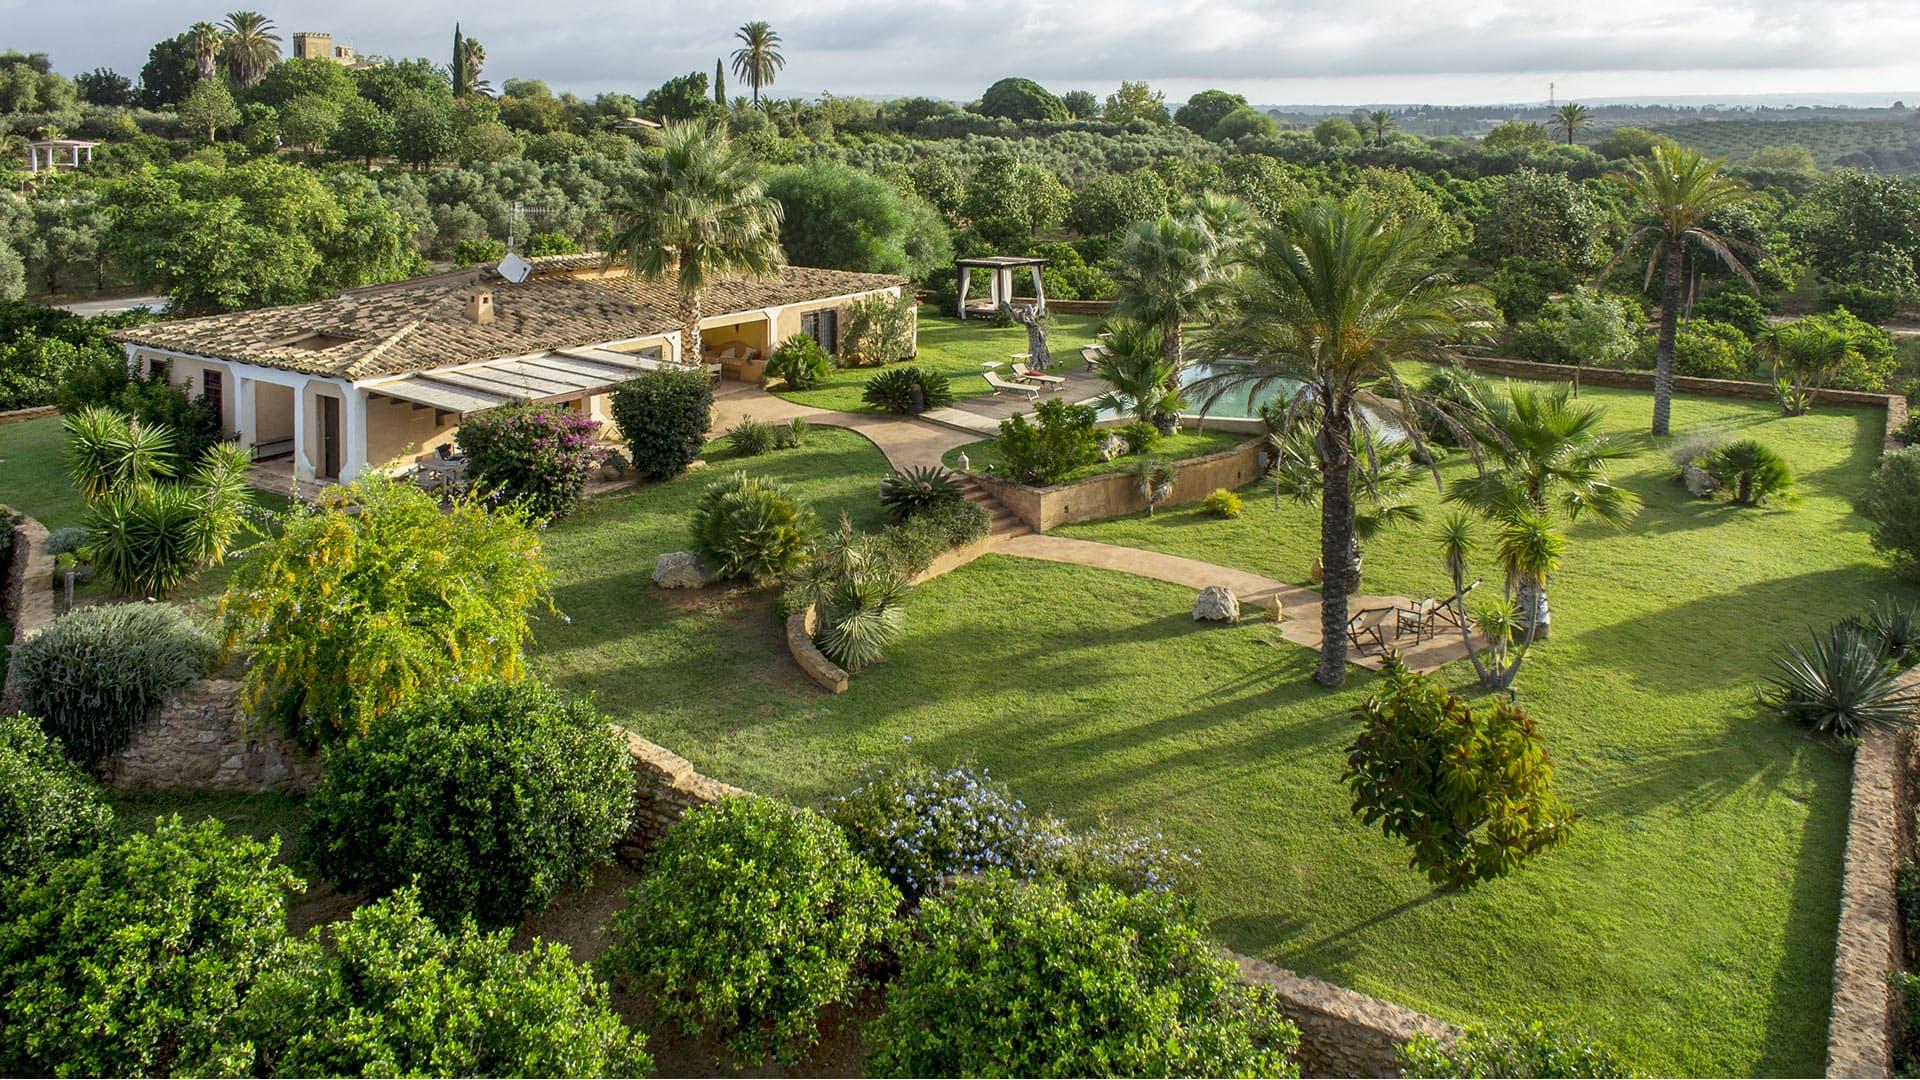 Villa Vianutti - Villa rental in Sicily, Western Sicily ...